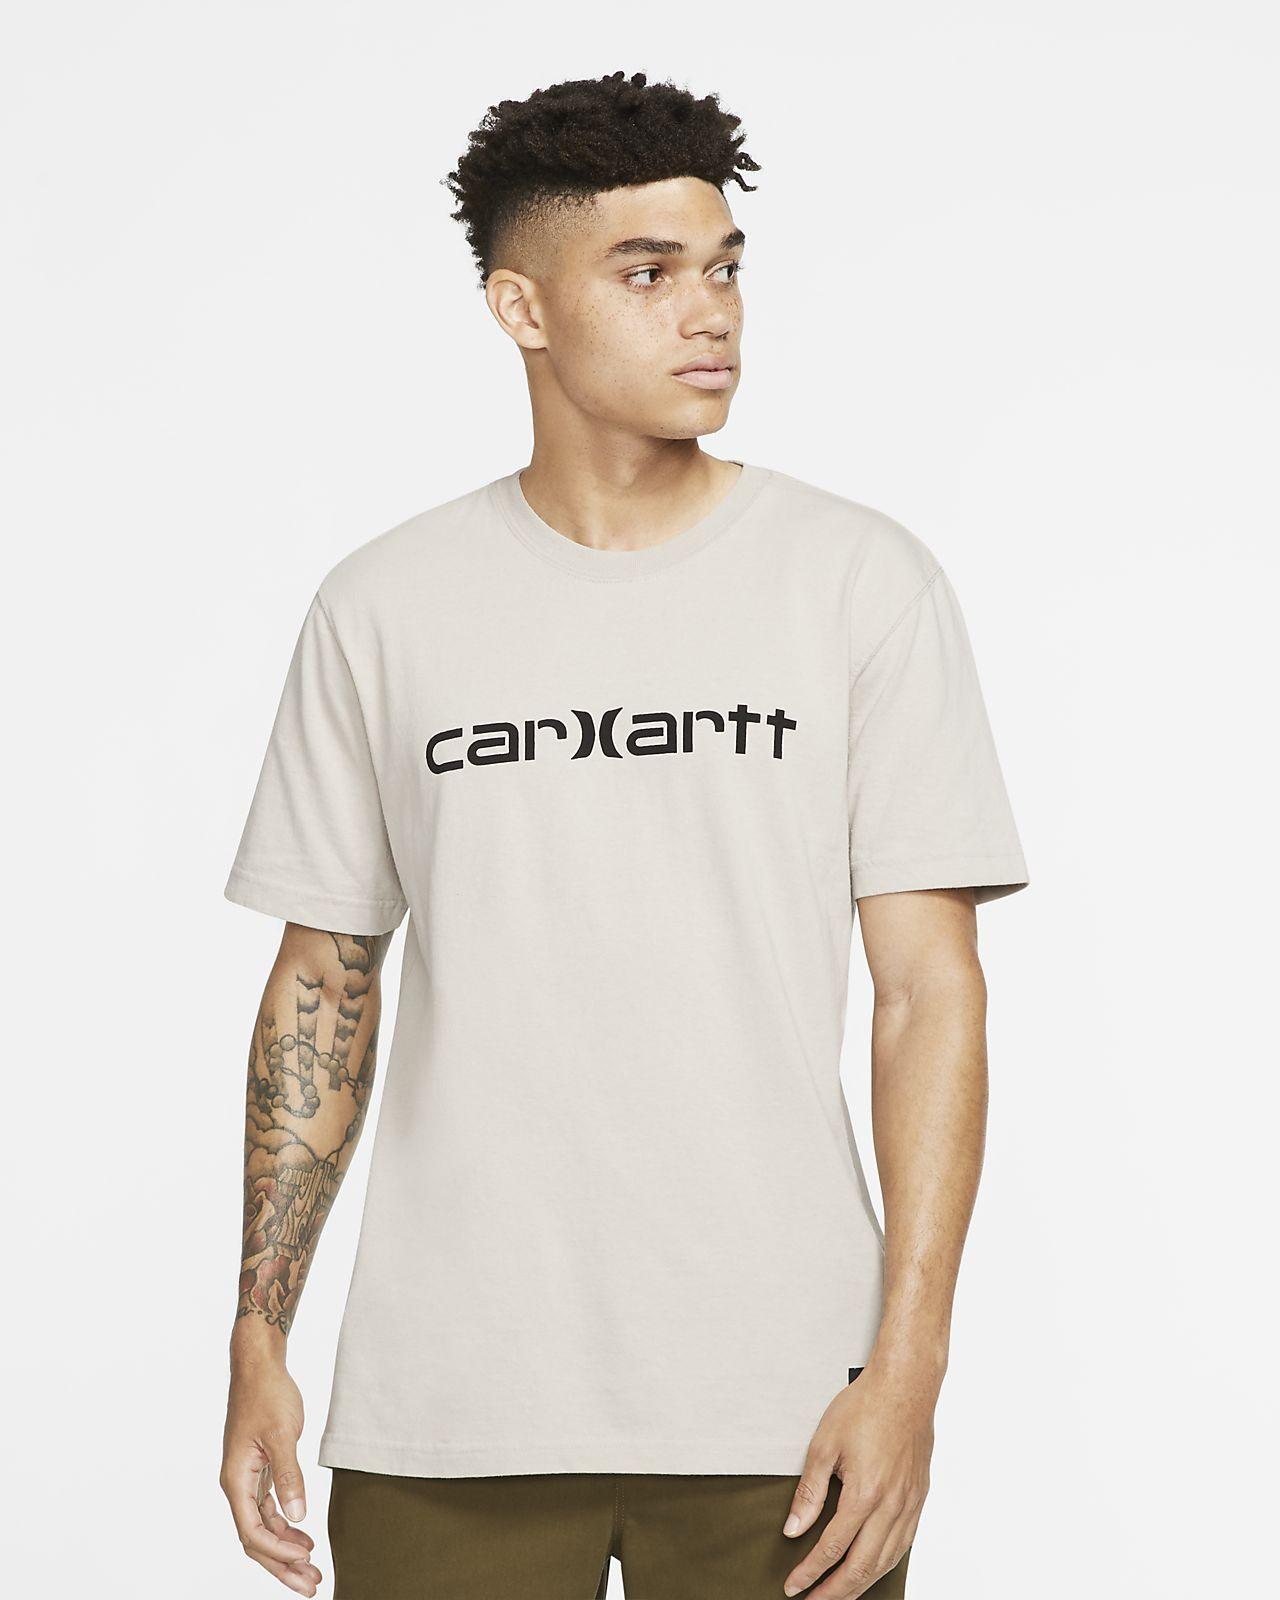 Hurley x Carhartt Lockup T-shirt voor heren